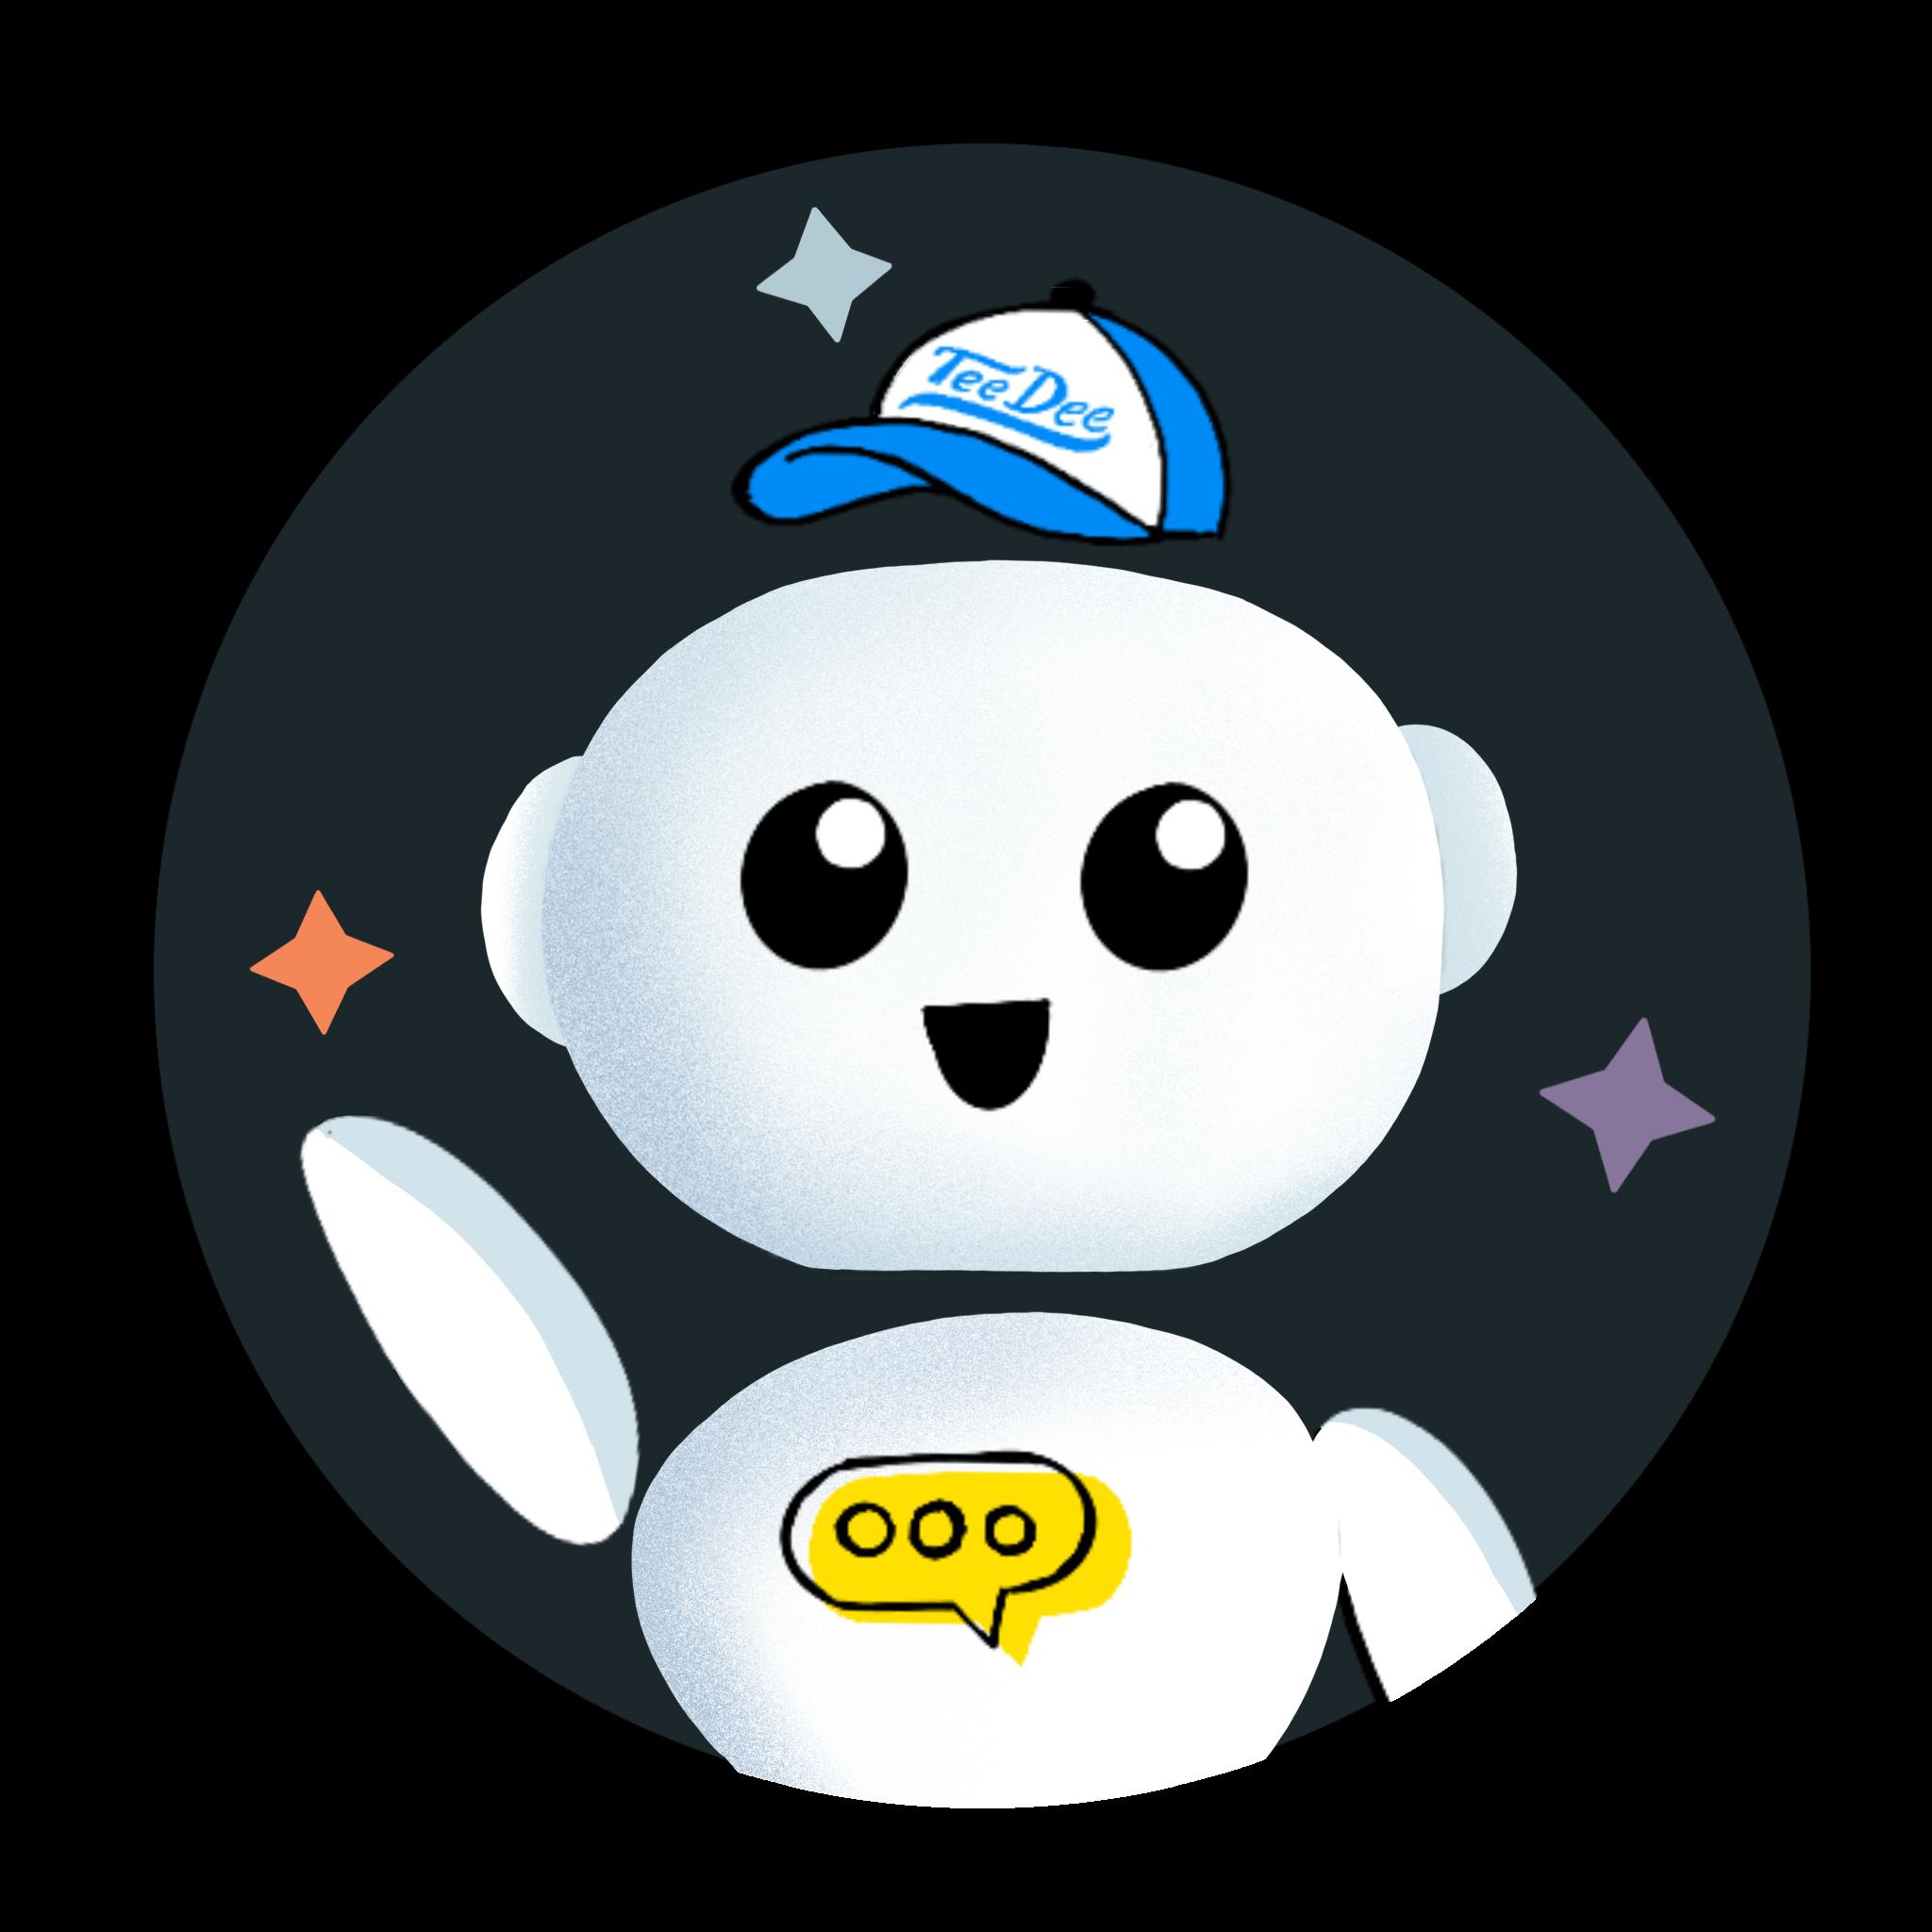 TeeDee, a chatbot developer